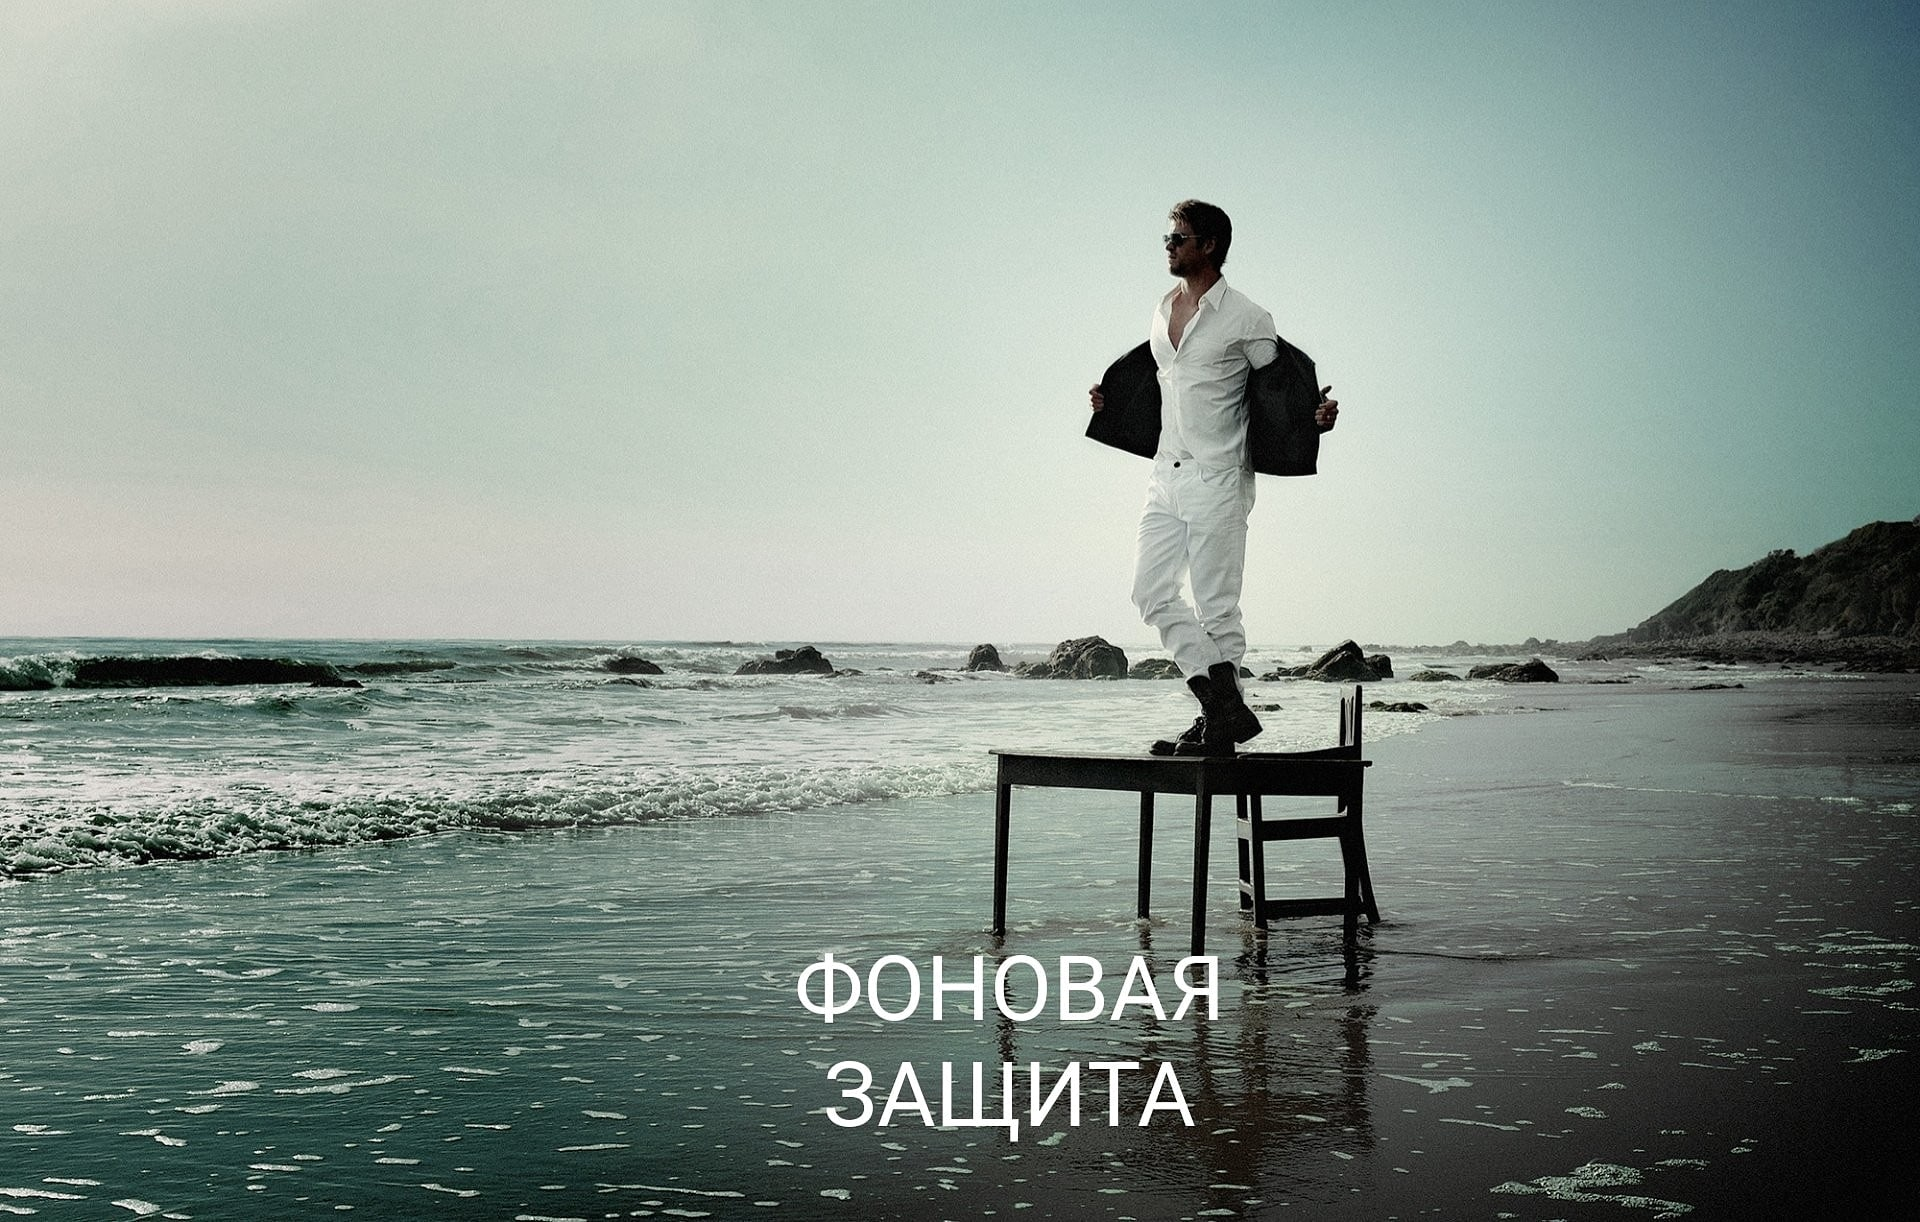 любовнаямагия - Программные свечи от Елены Руденко. - Страница 16 X9ZHvACT0OA